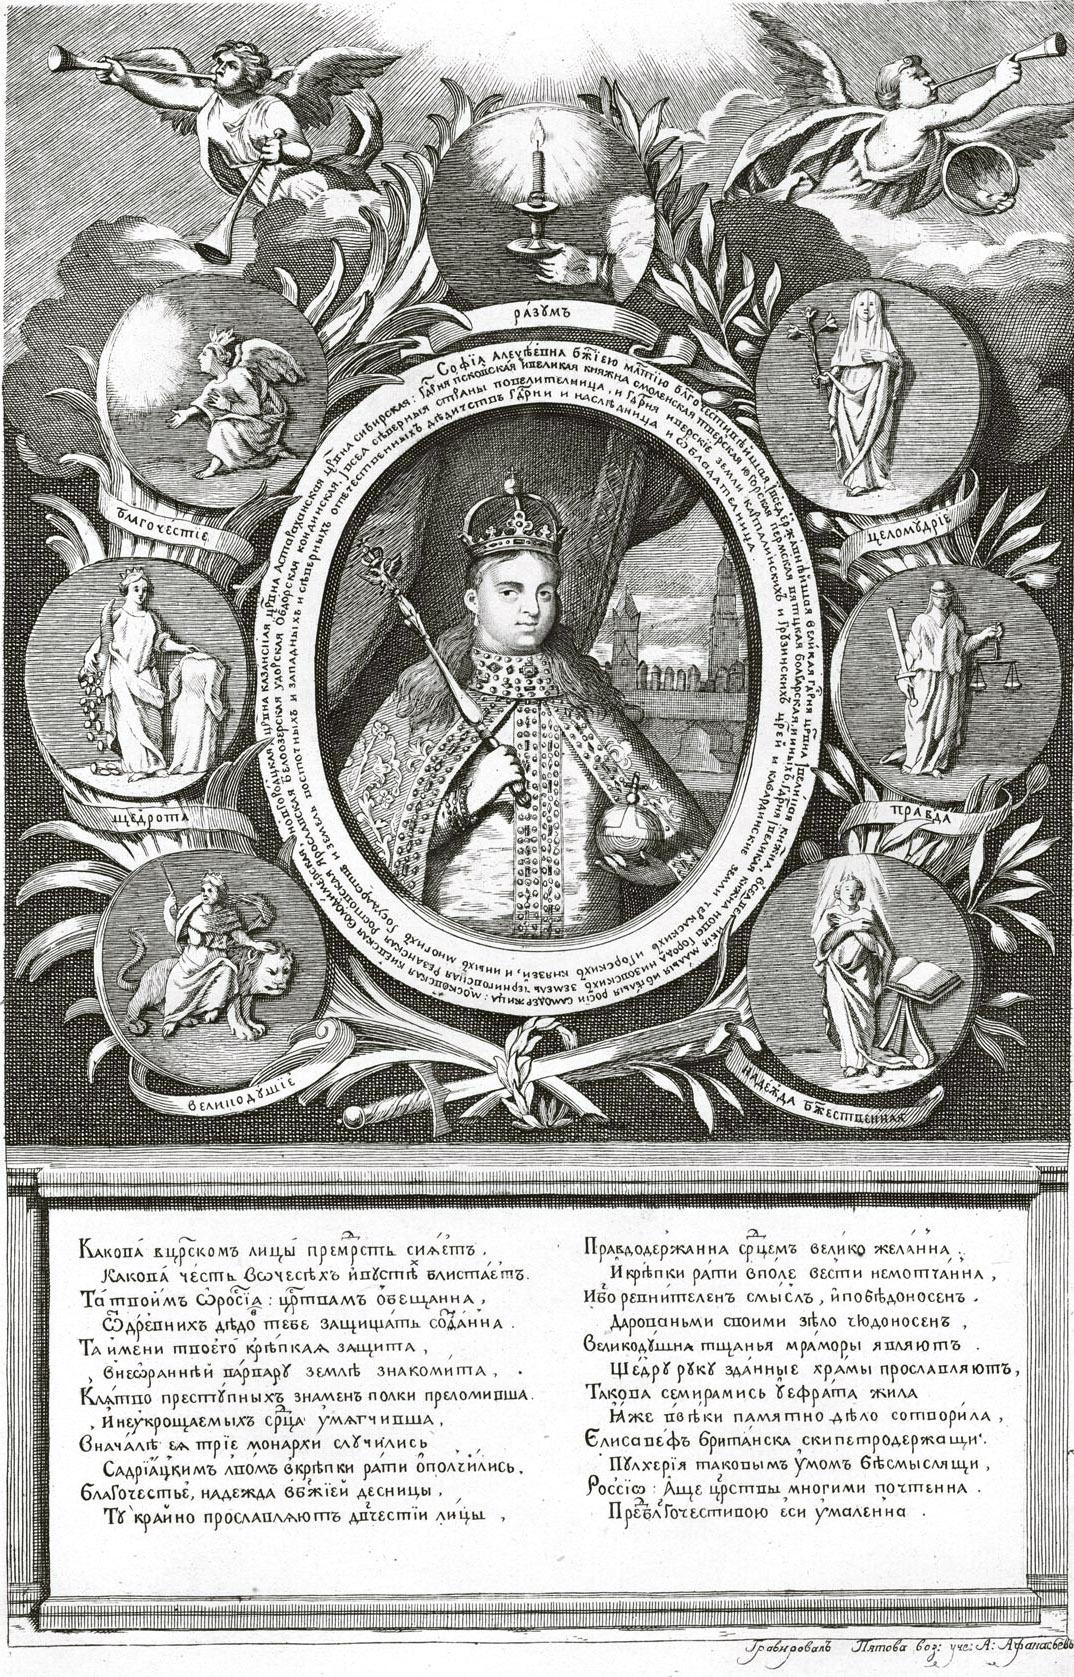 1. Достоверный портрет Царевны Софьи Алексеевны, гравированный Афонасьевым с оригинала Тарасевича.